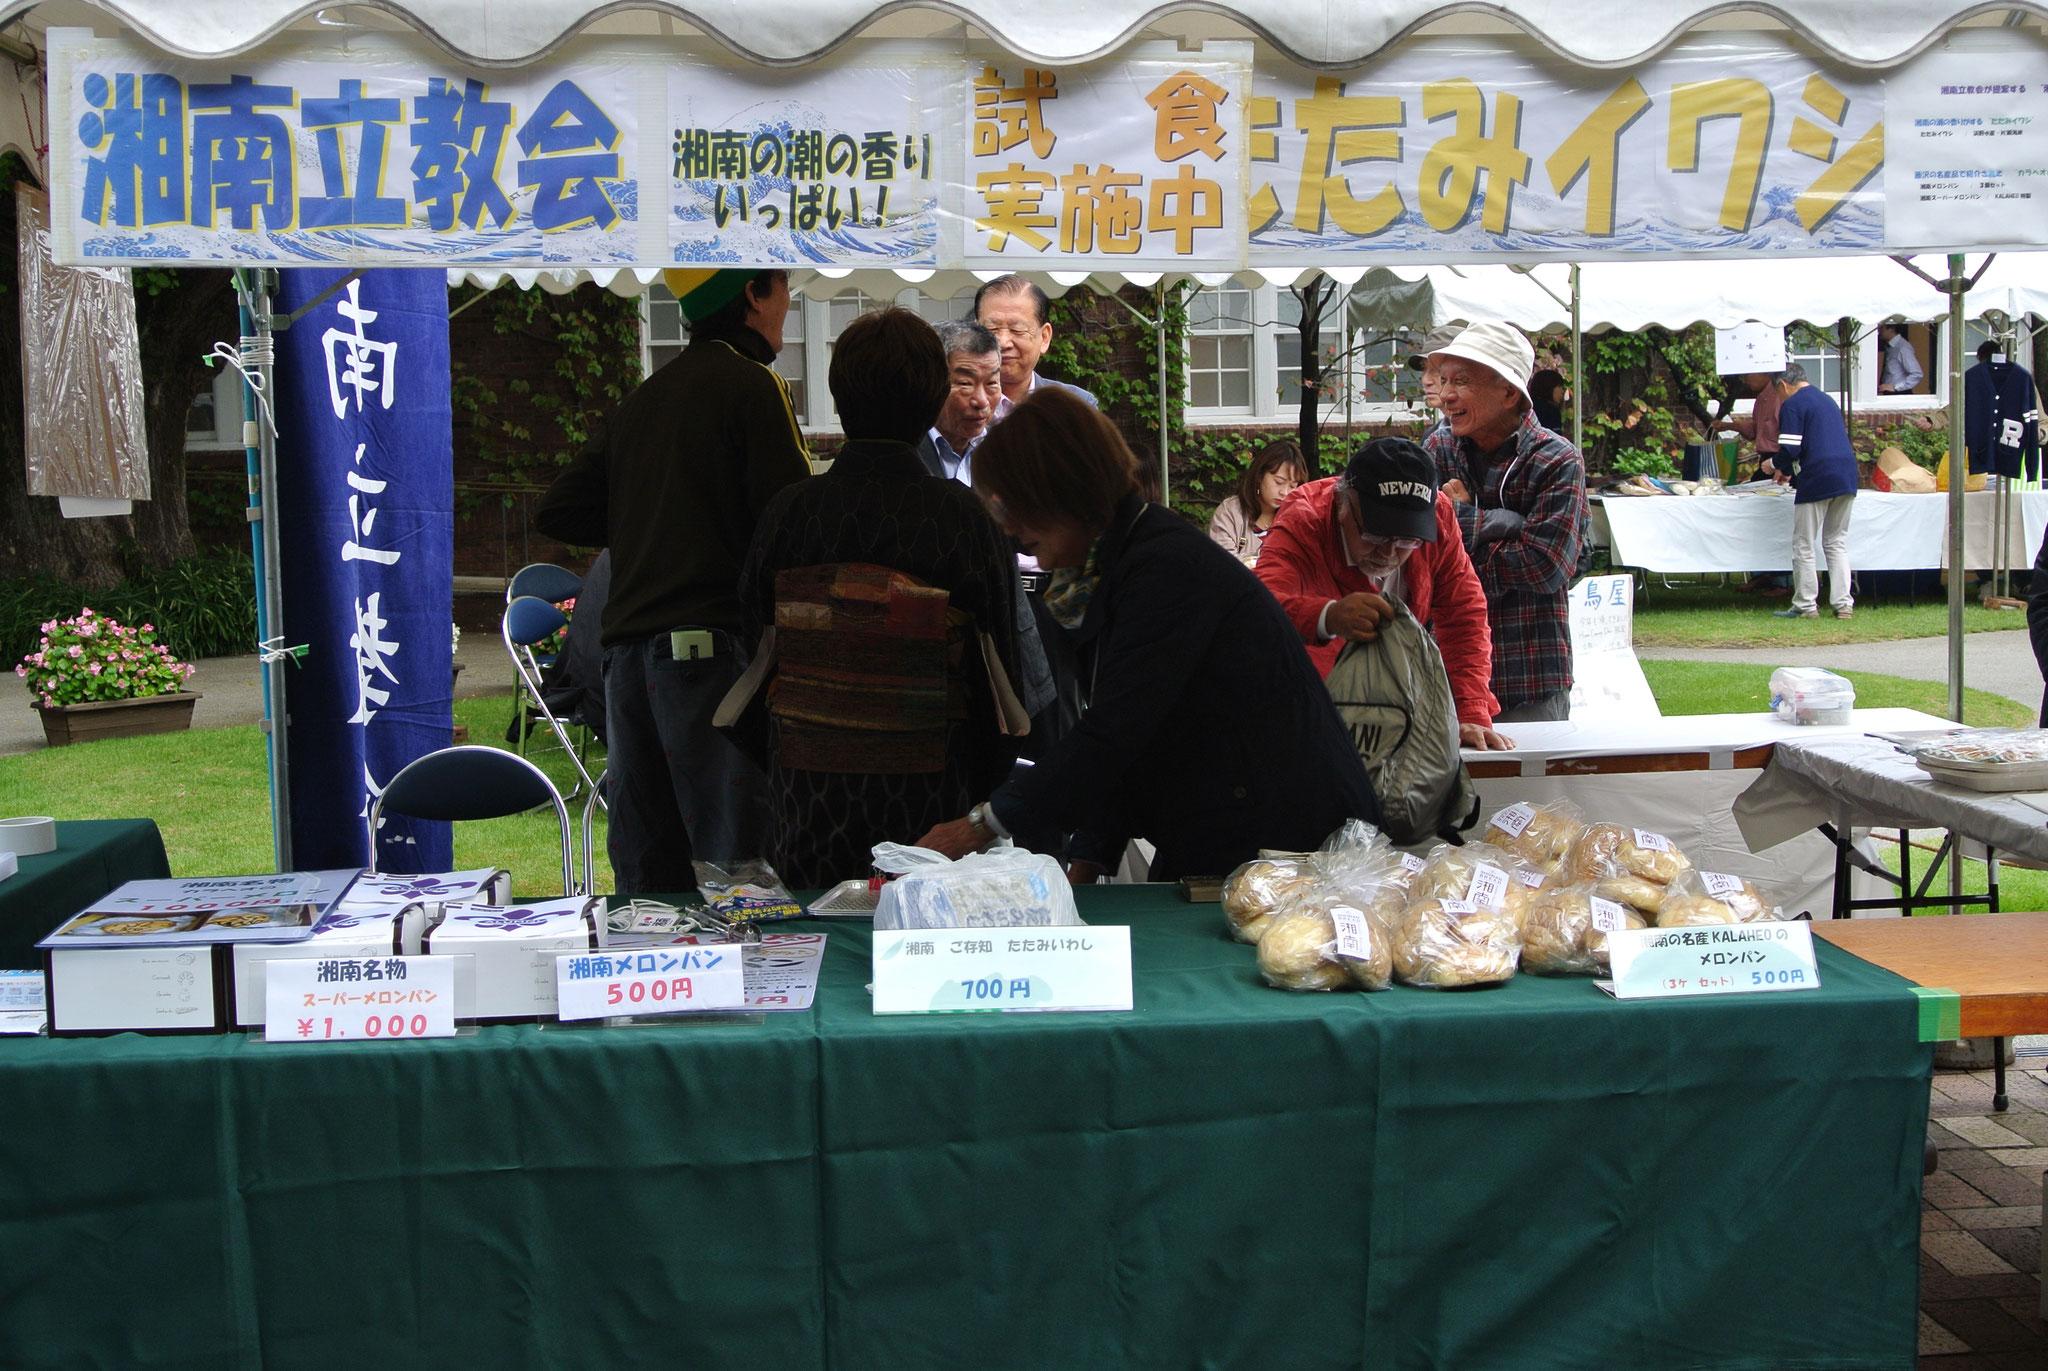 今年の販売アイテム:幻のタタミイワシ & メロンパン